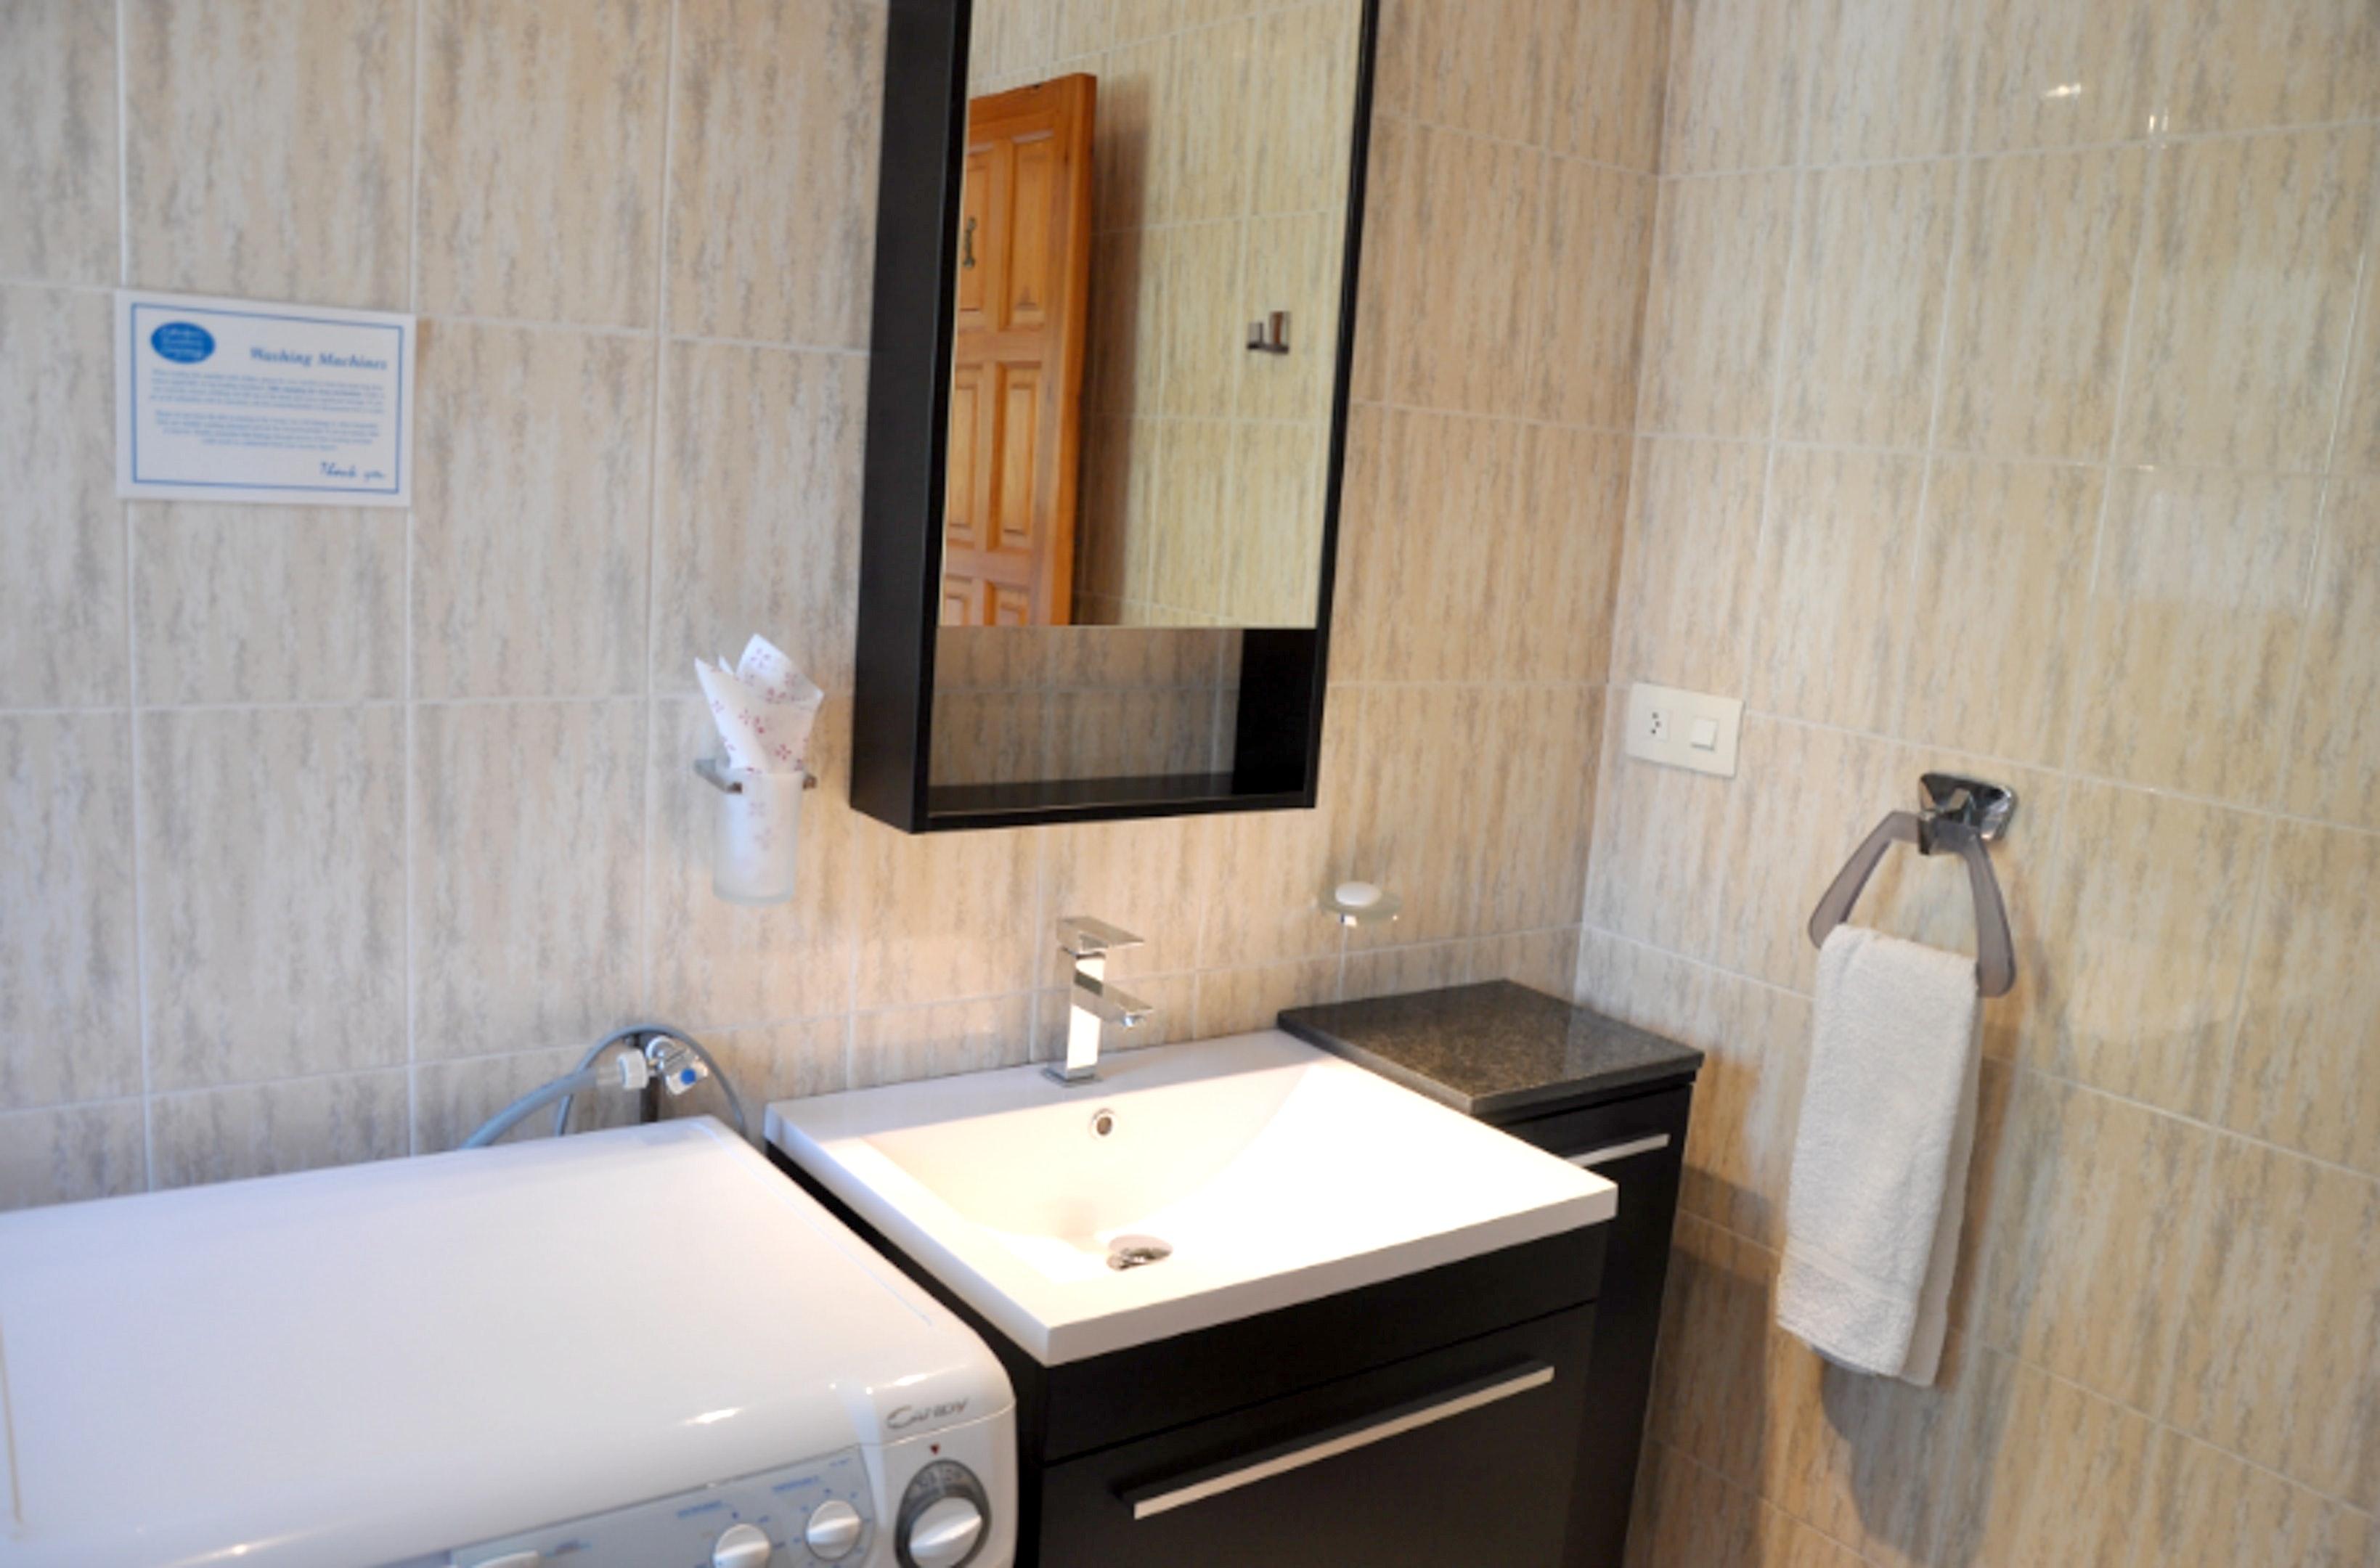 Ferienhaus Villa mit 3 Schlafzimmern in Ampolla mit herrlichem Meerblick, privatem Pool, möbliertem G (2201036), L'Ampolla, Costa Dorada, Katalonien, Spanien, Bild 27